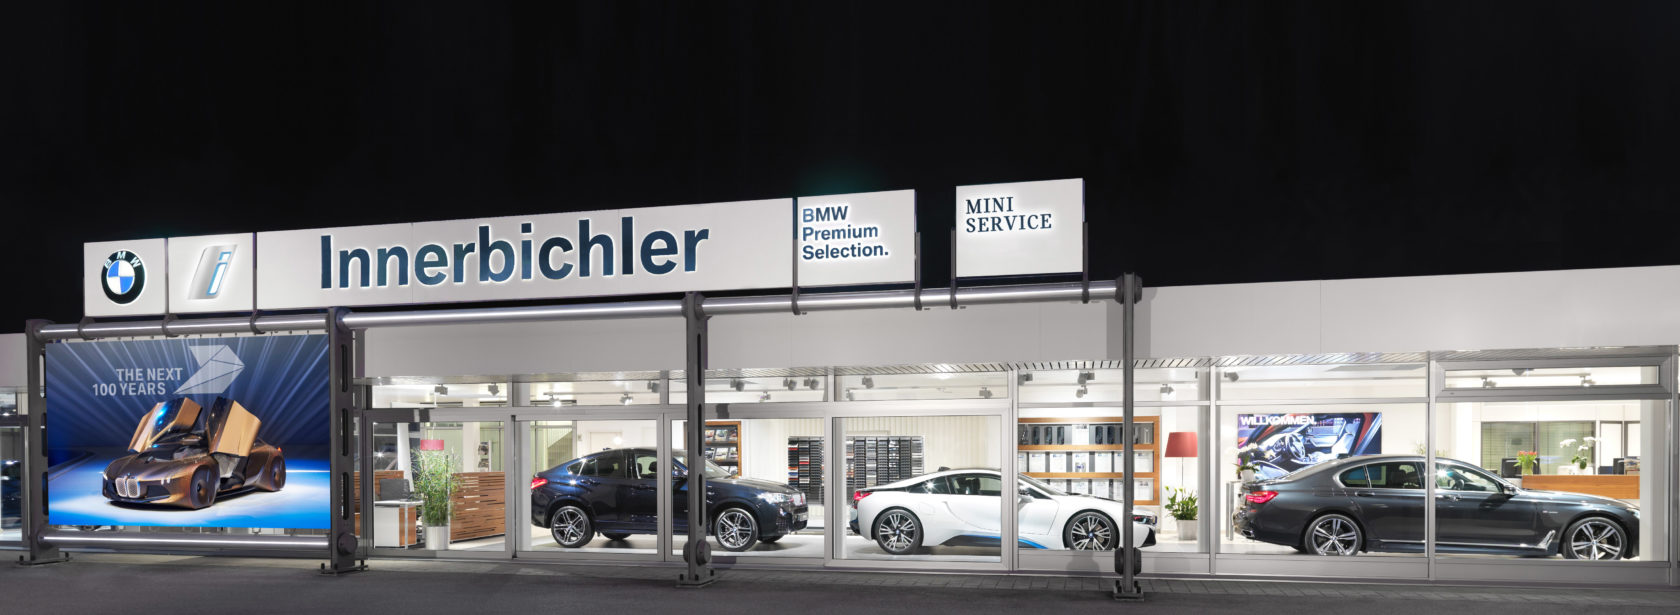 (c) Bmw-innerbichler-ramsau.at